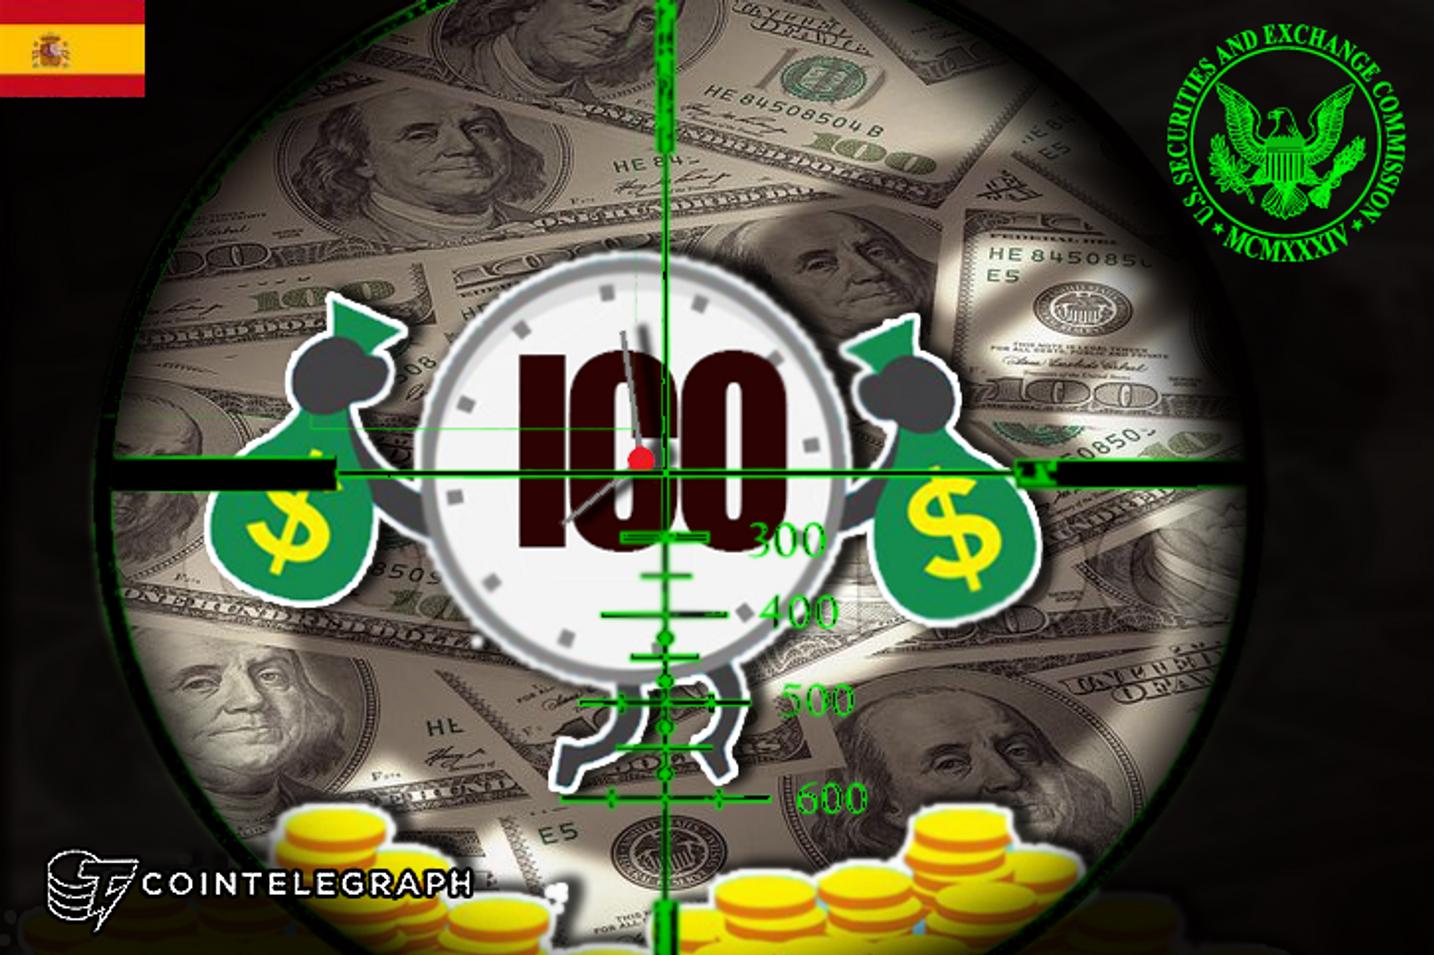 La SEC ve con preocupación la popularización de las Initial Coin Offerings (ICOs)